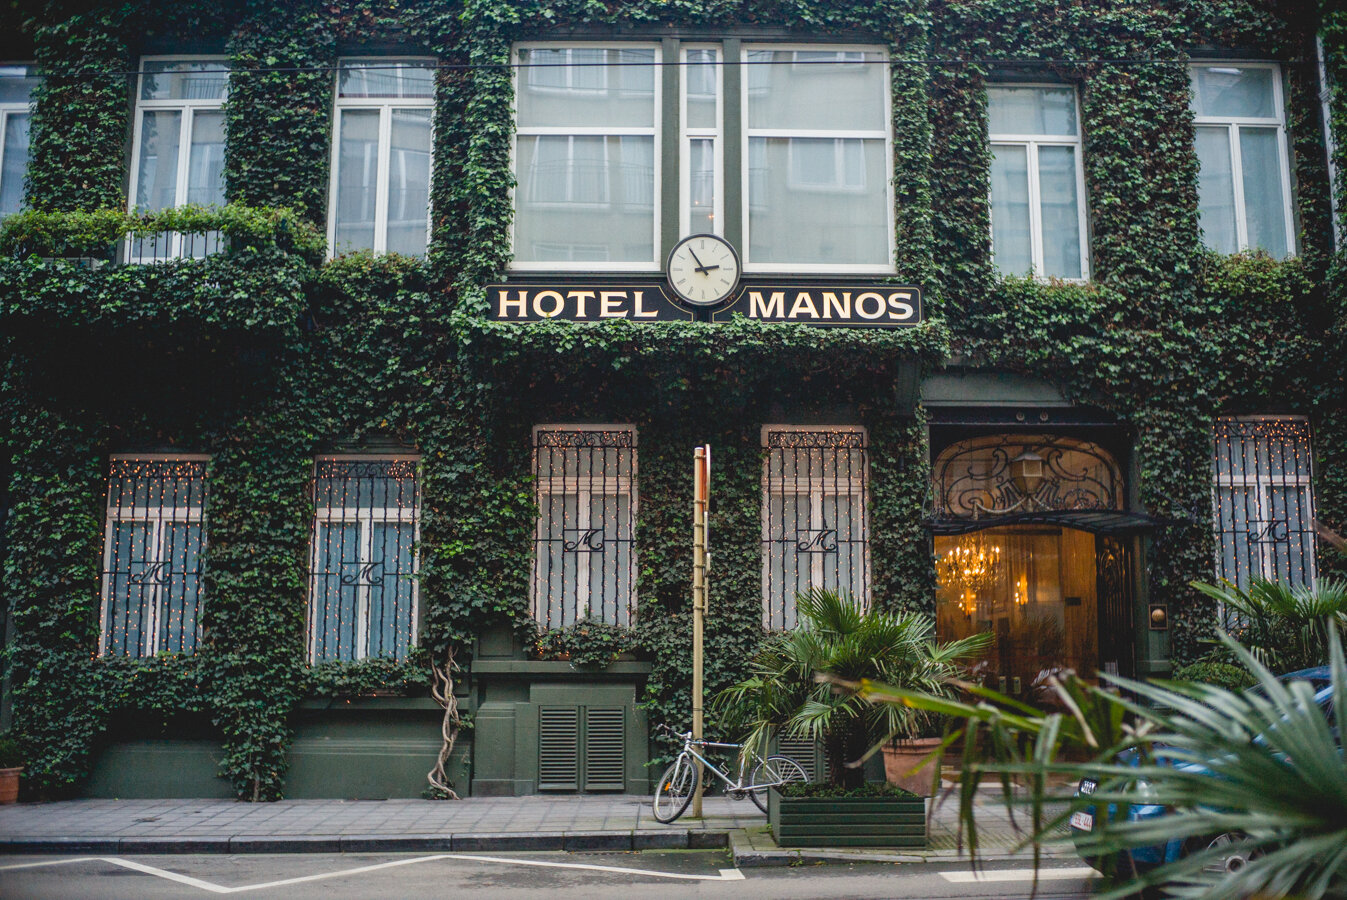 hotelmanos-1007073.jpg